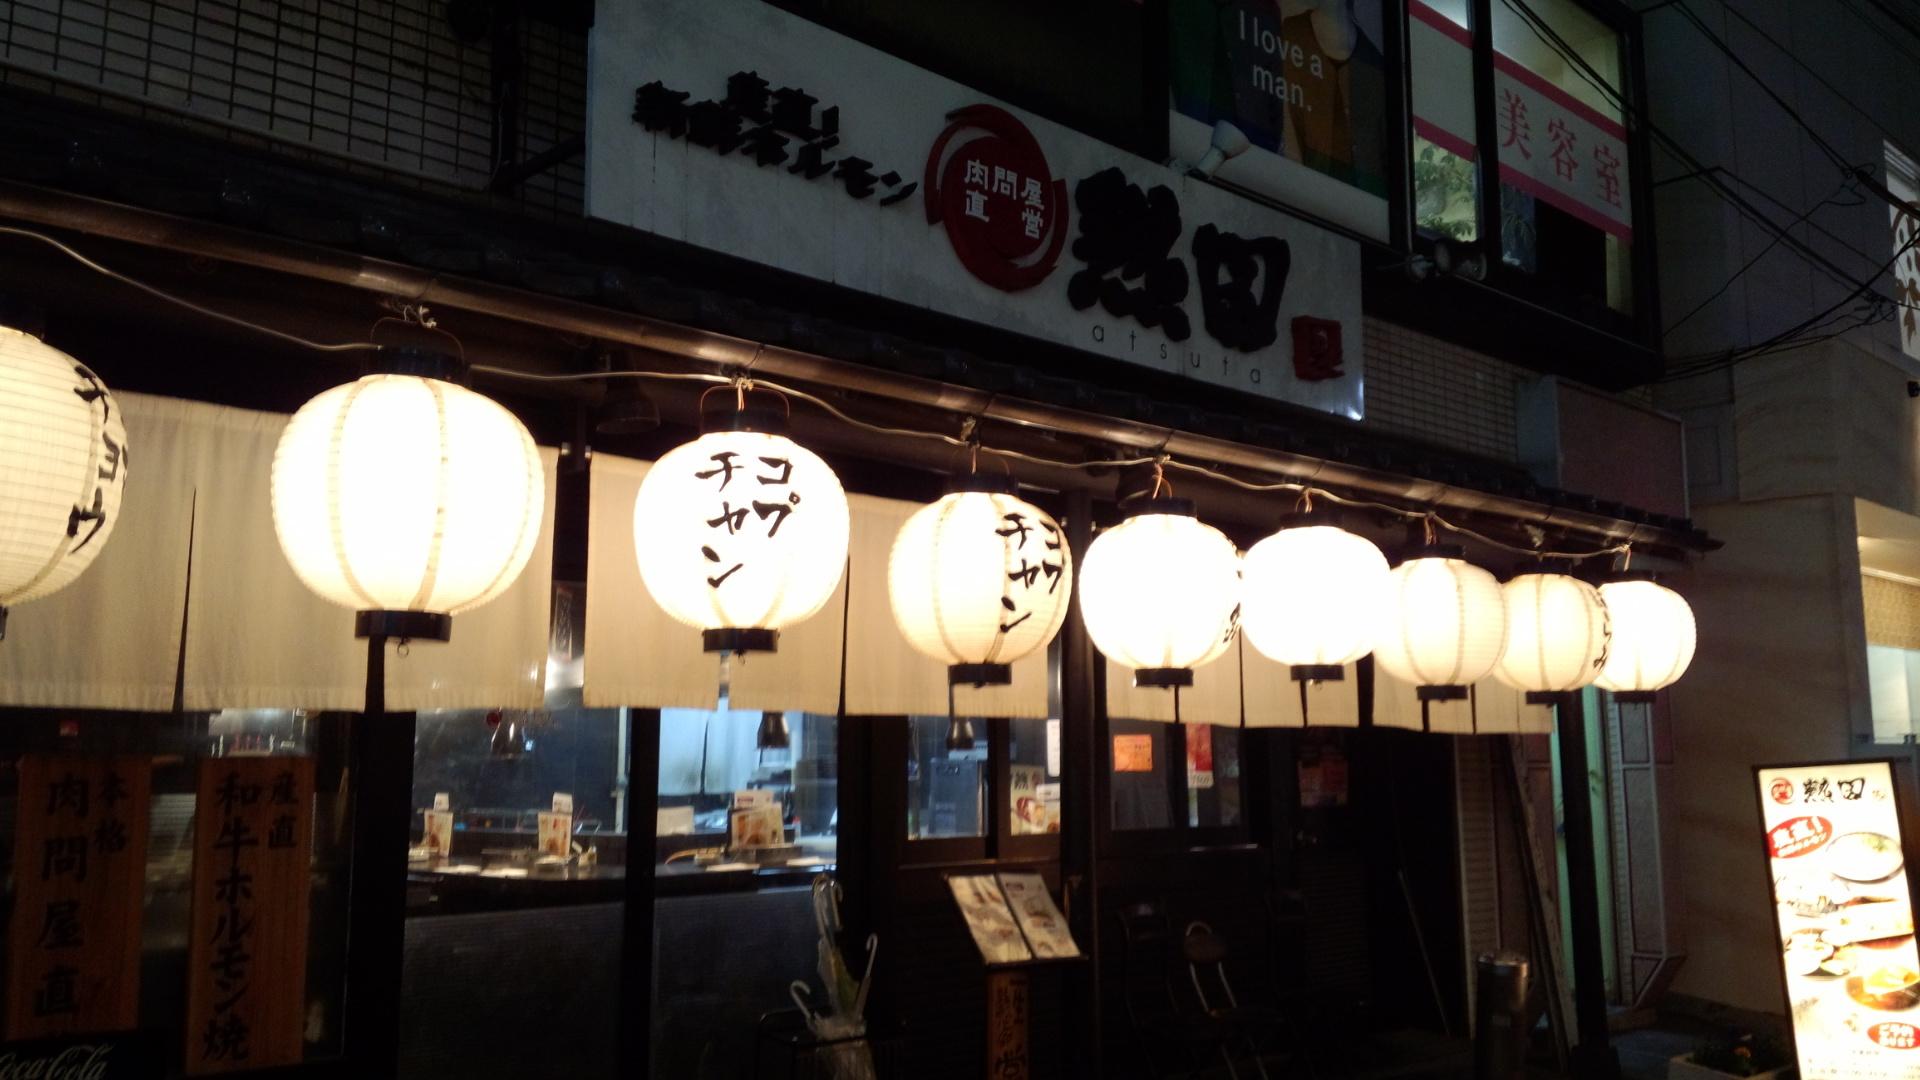 ホルモン熱田 春日部店